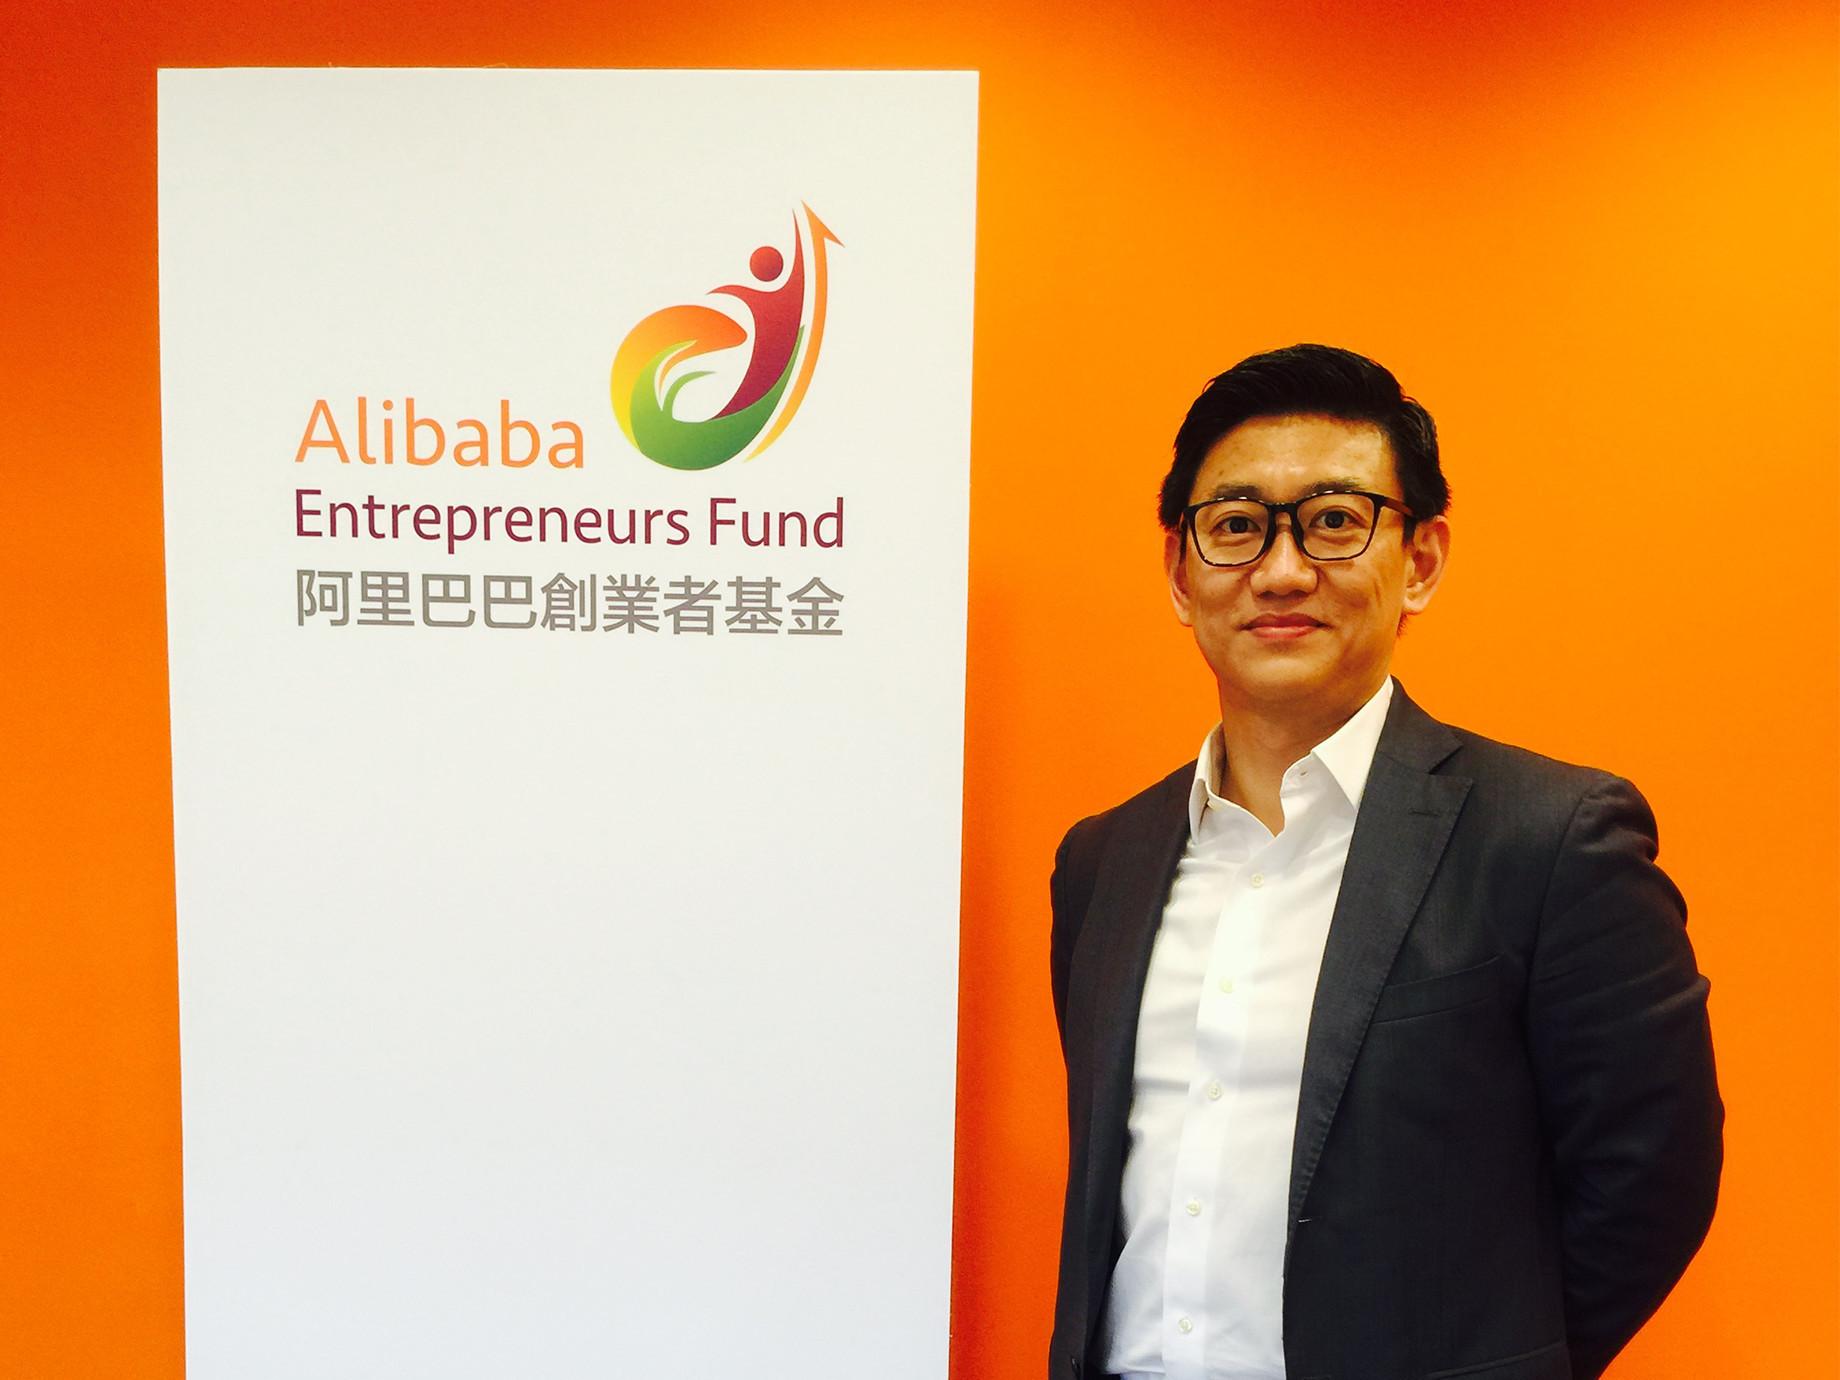 規模100億的阿里創業家基金,首批投資9家台灣企業